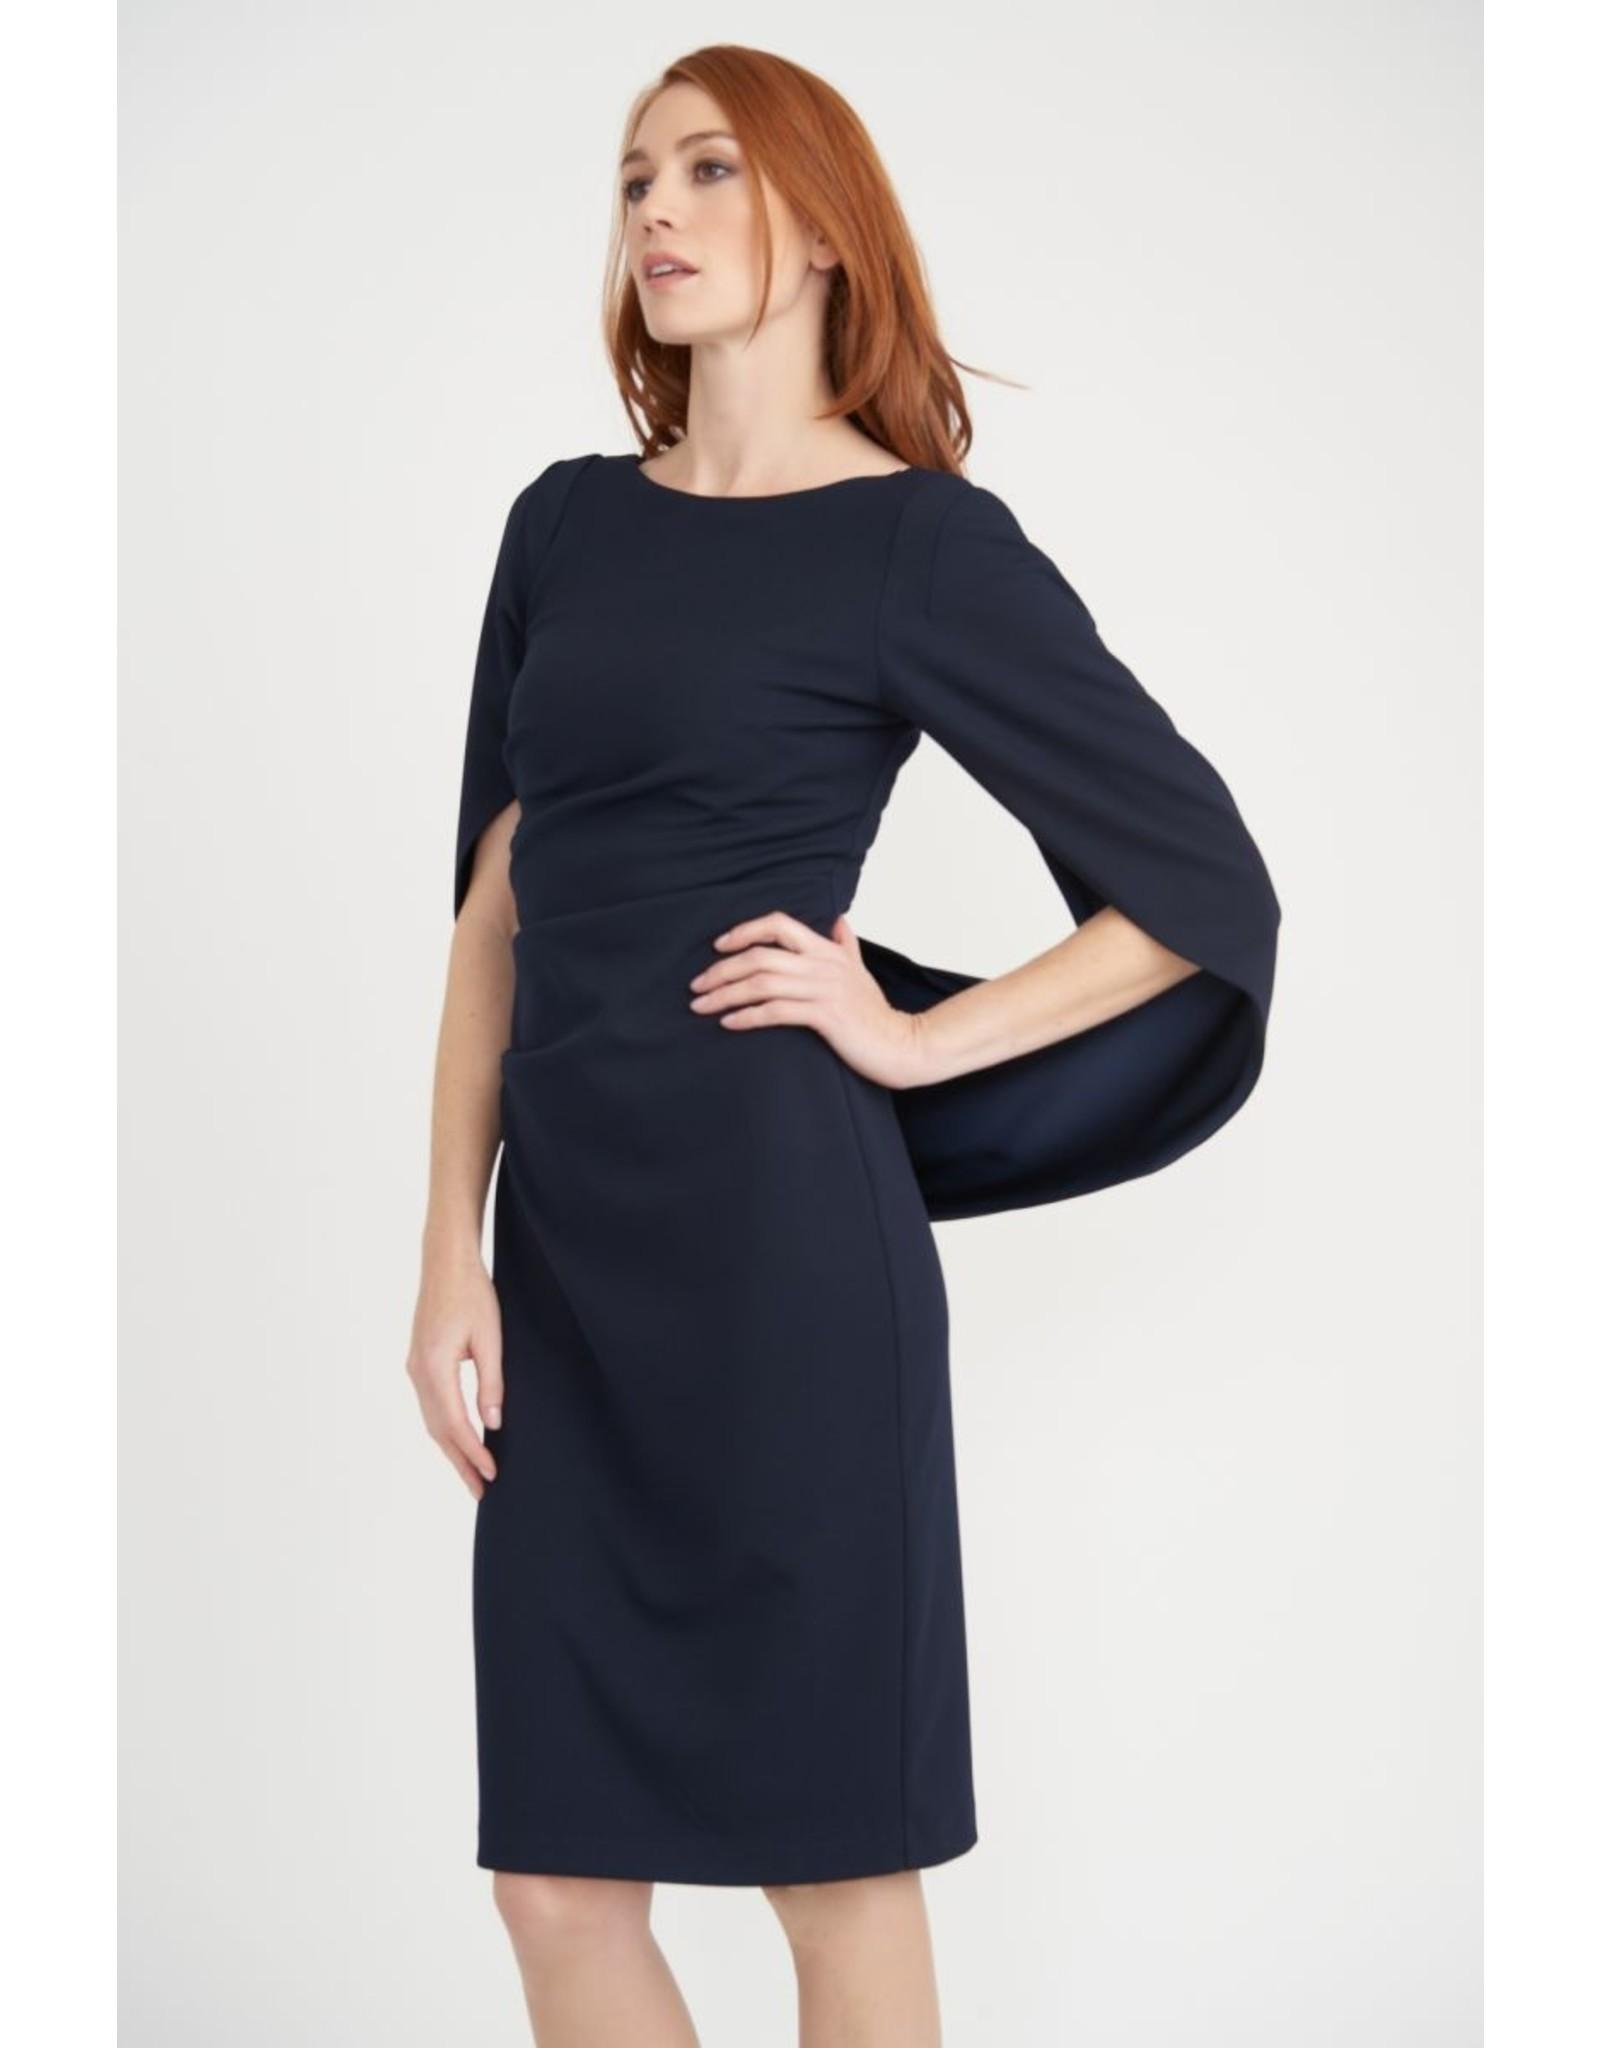 JOSEPH RIBKOFF 203145 DRESS